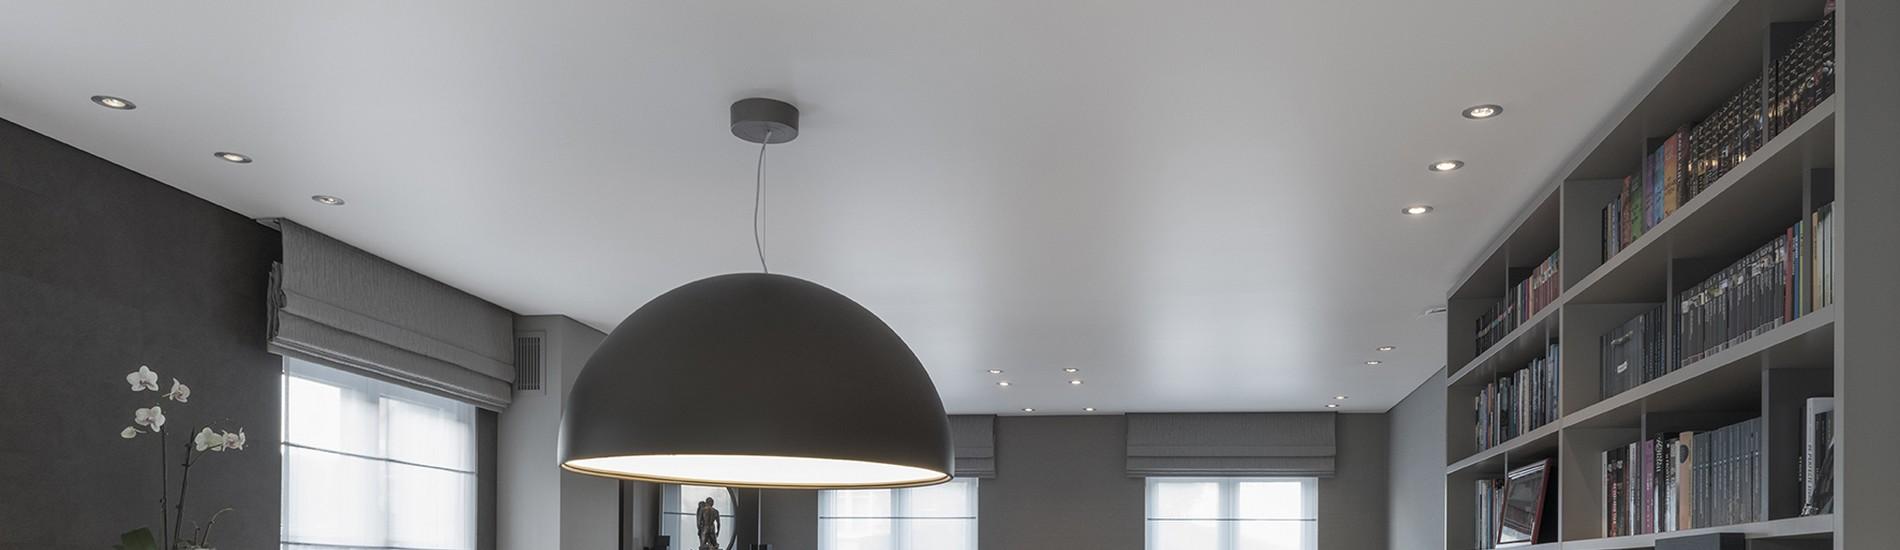 Plafond tendu mat